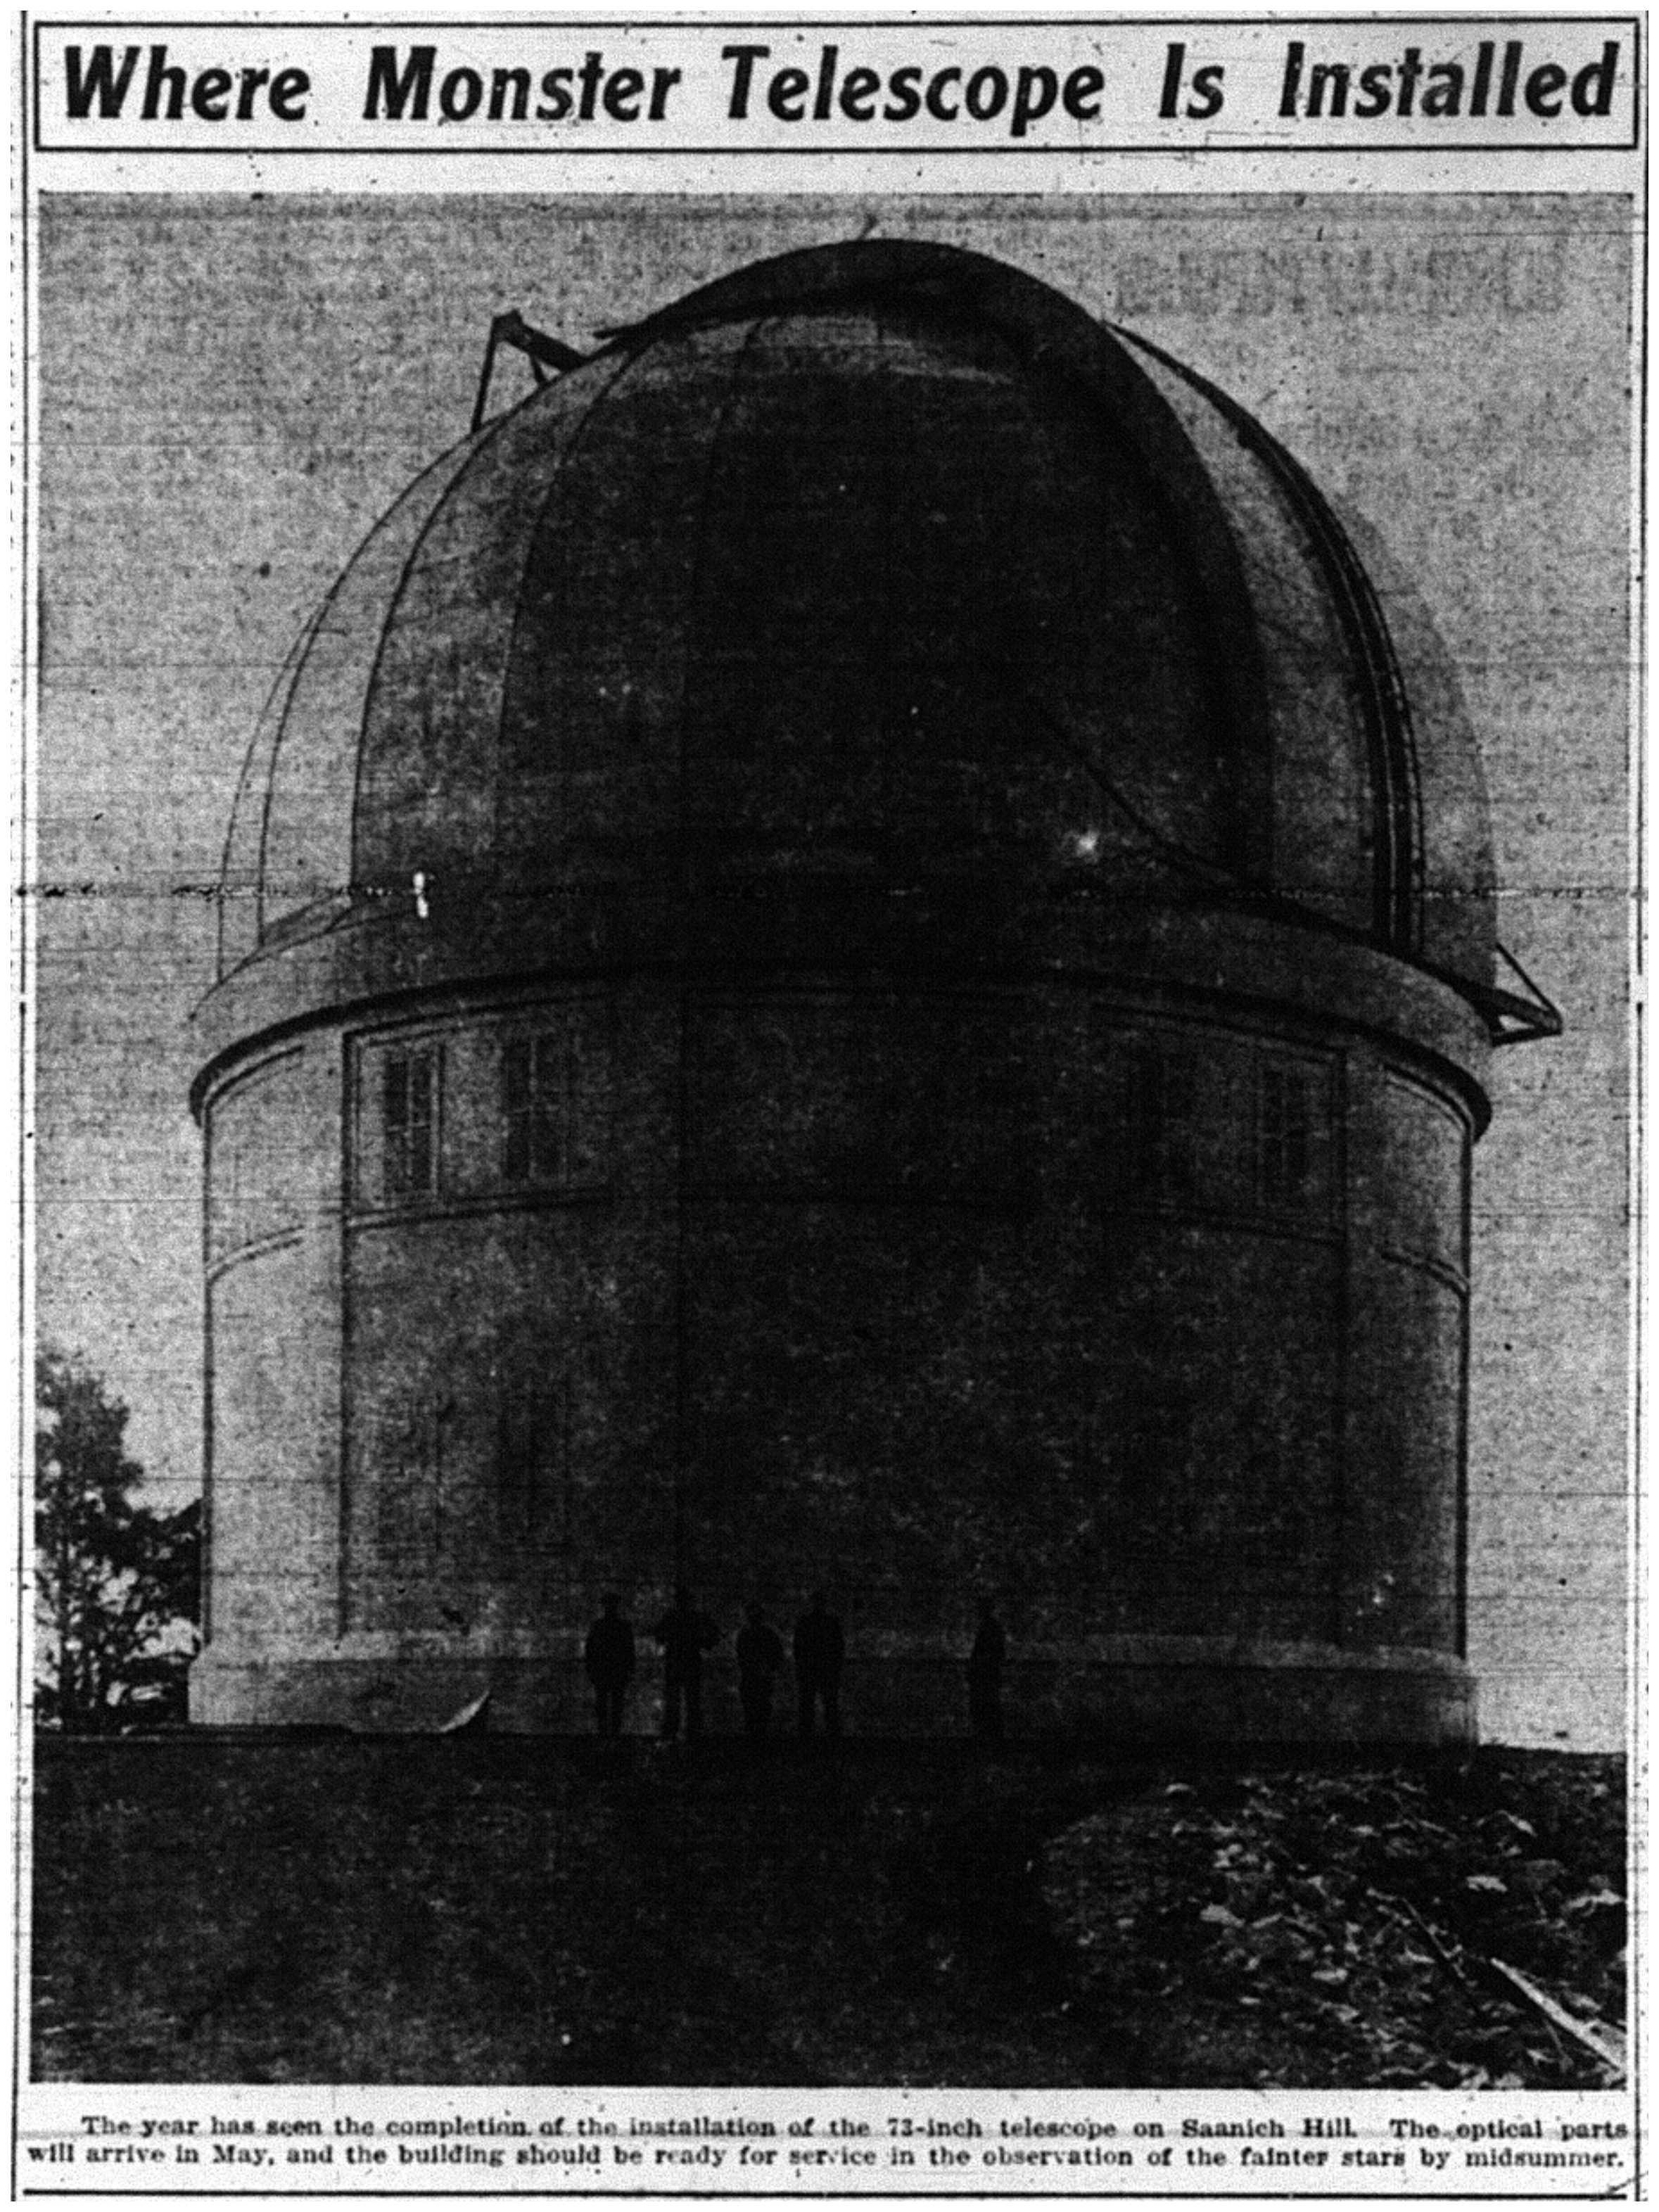 Monster Telescope